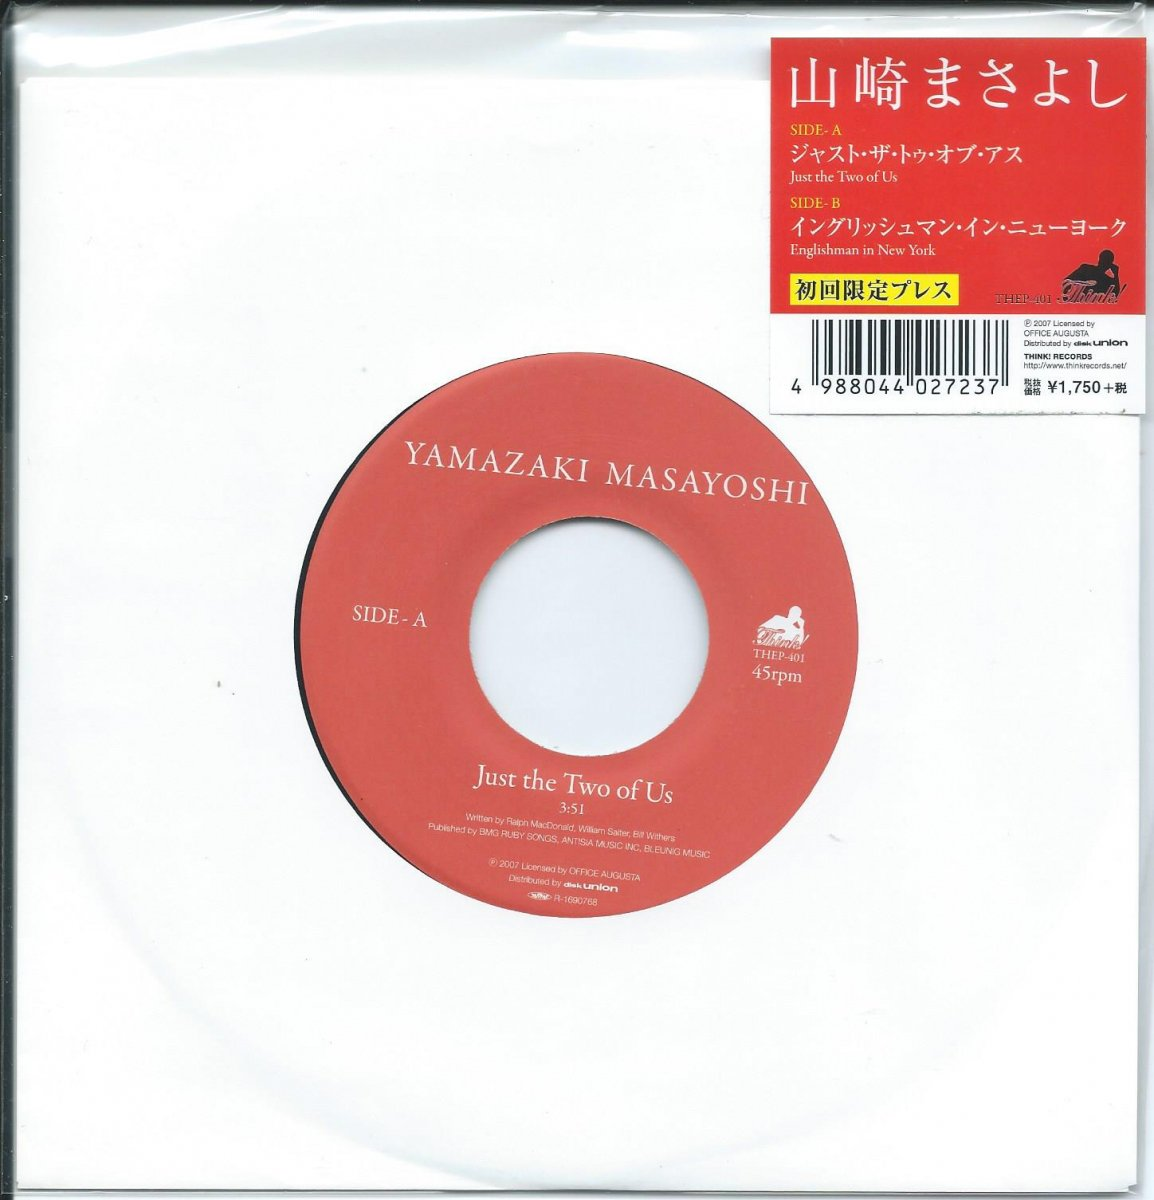 山崎まさよし MASAYOSHI YAMAZAKI / ジャスト・ザ・トゥ・オブ・アス JUST THE TWO OF US (7